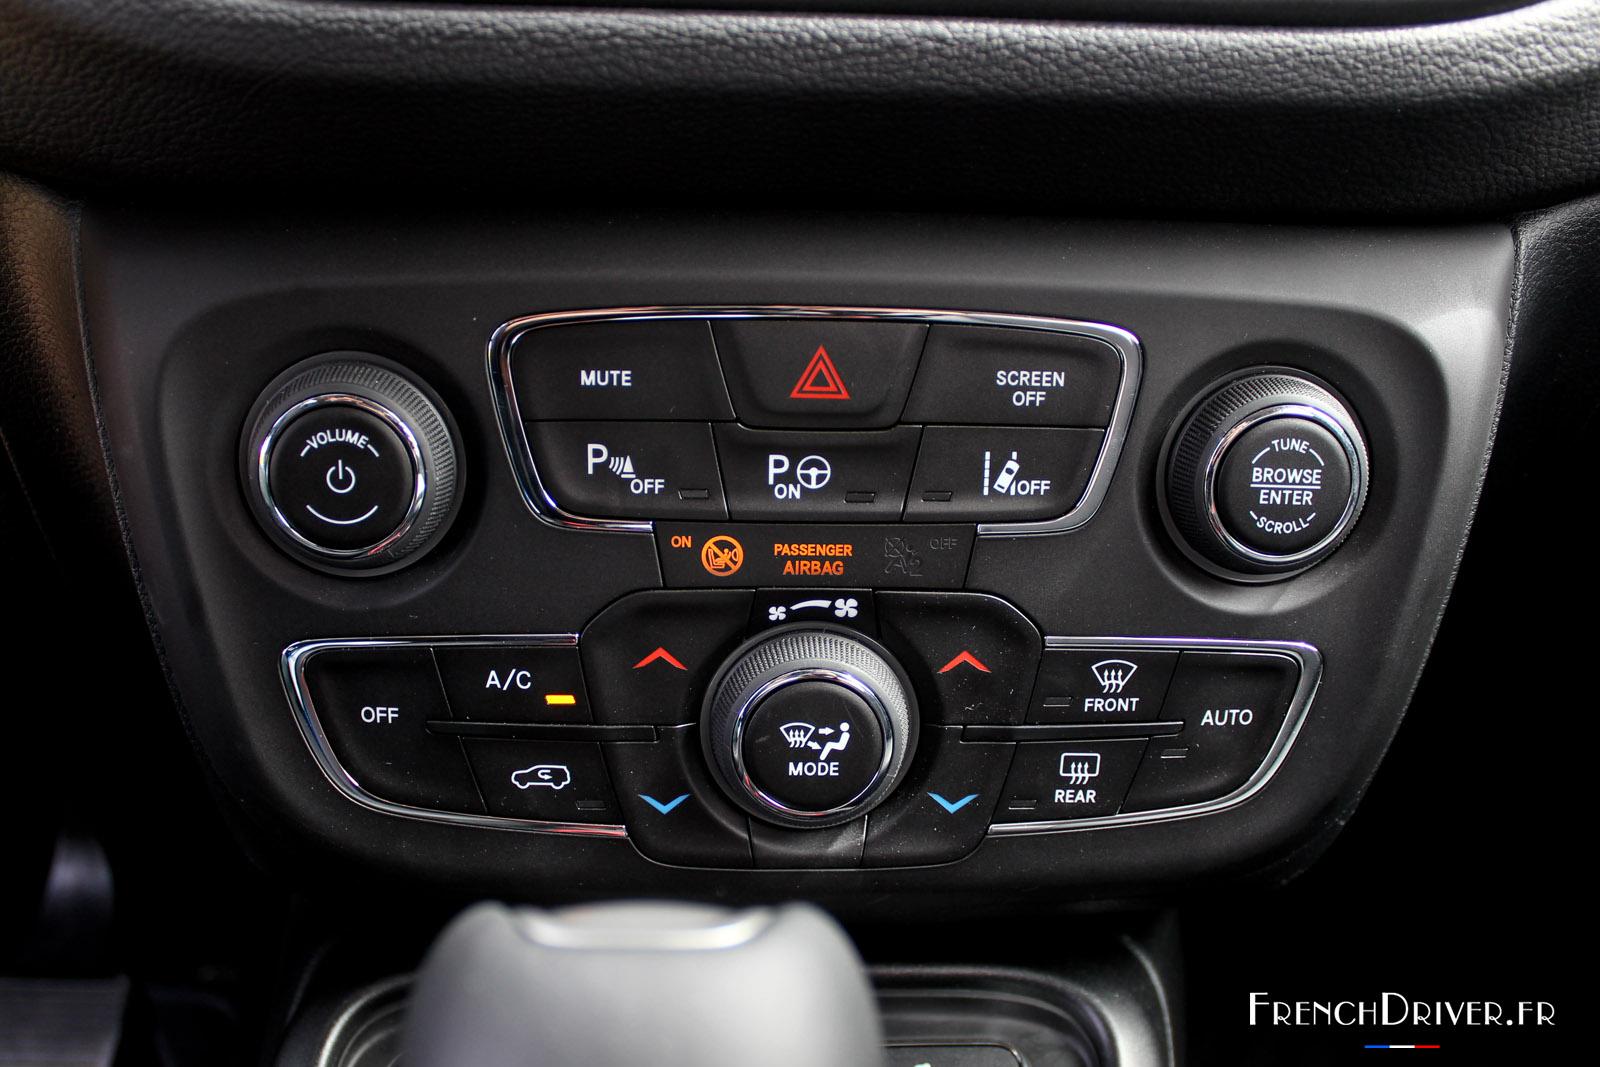 essai de la nouvelle jeep compass ii par e pour l 39 aventure french driver. Black Bedroom Furniture Sets. Home Design Ideas